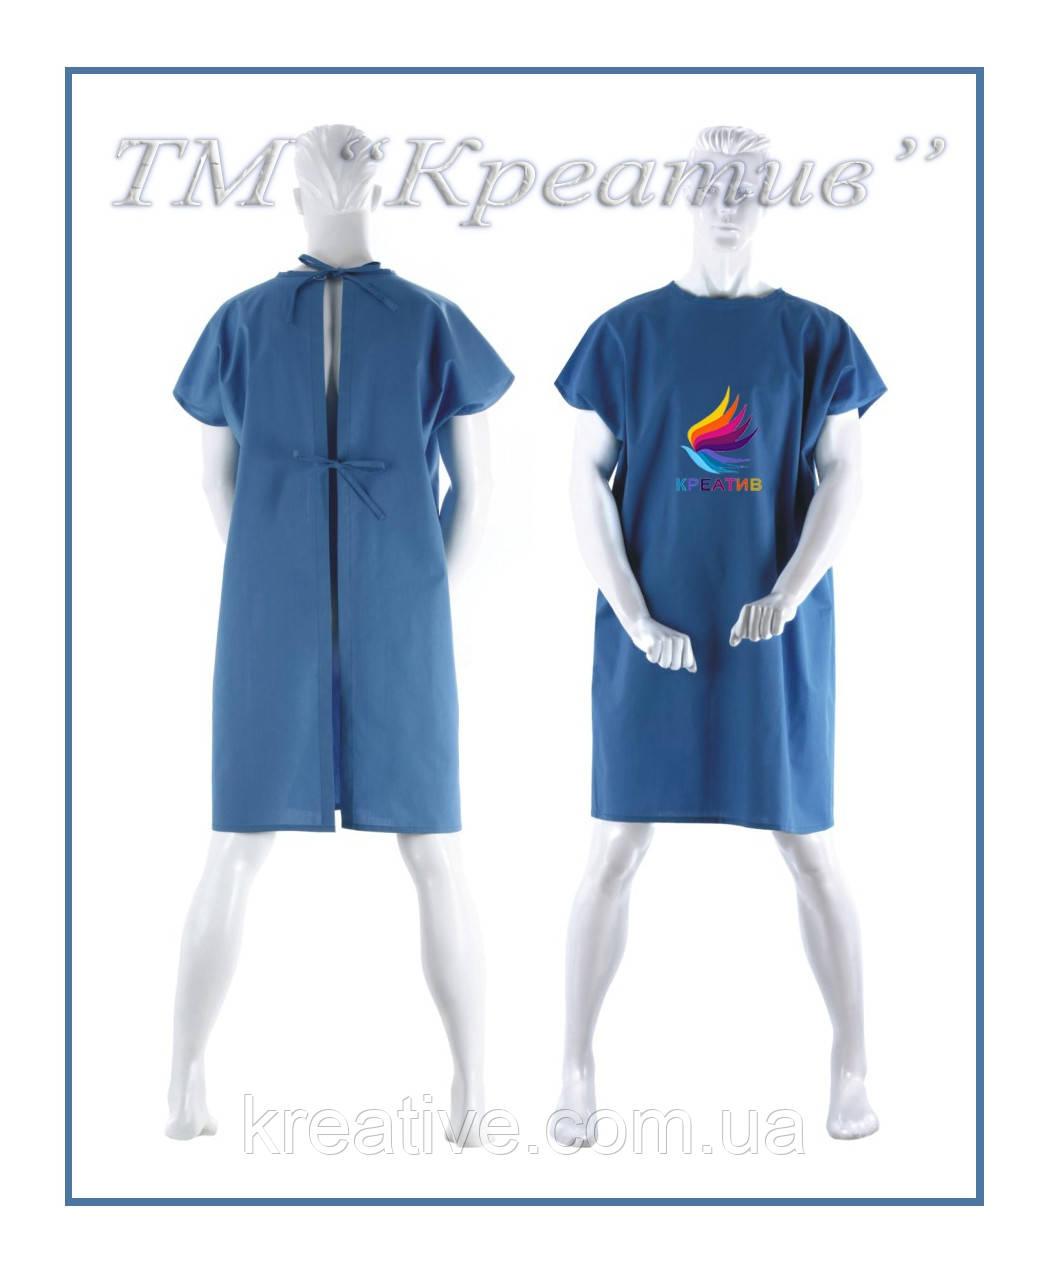 Рубашка для пациентов (при заказе от 50 шт.)